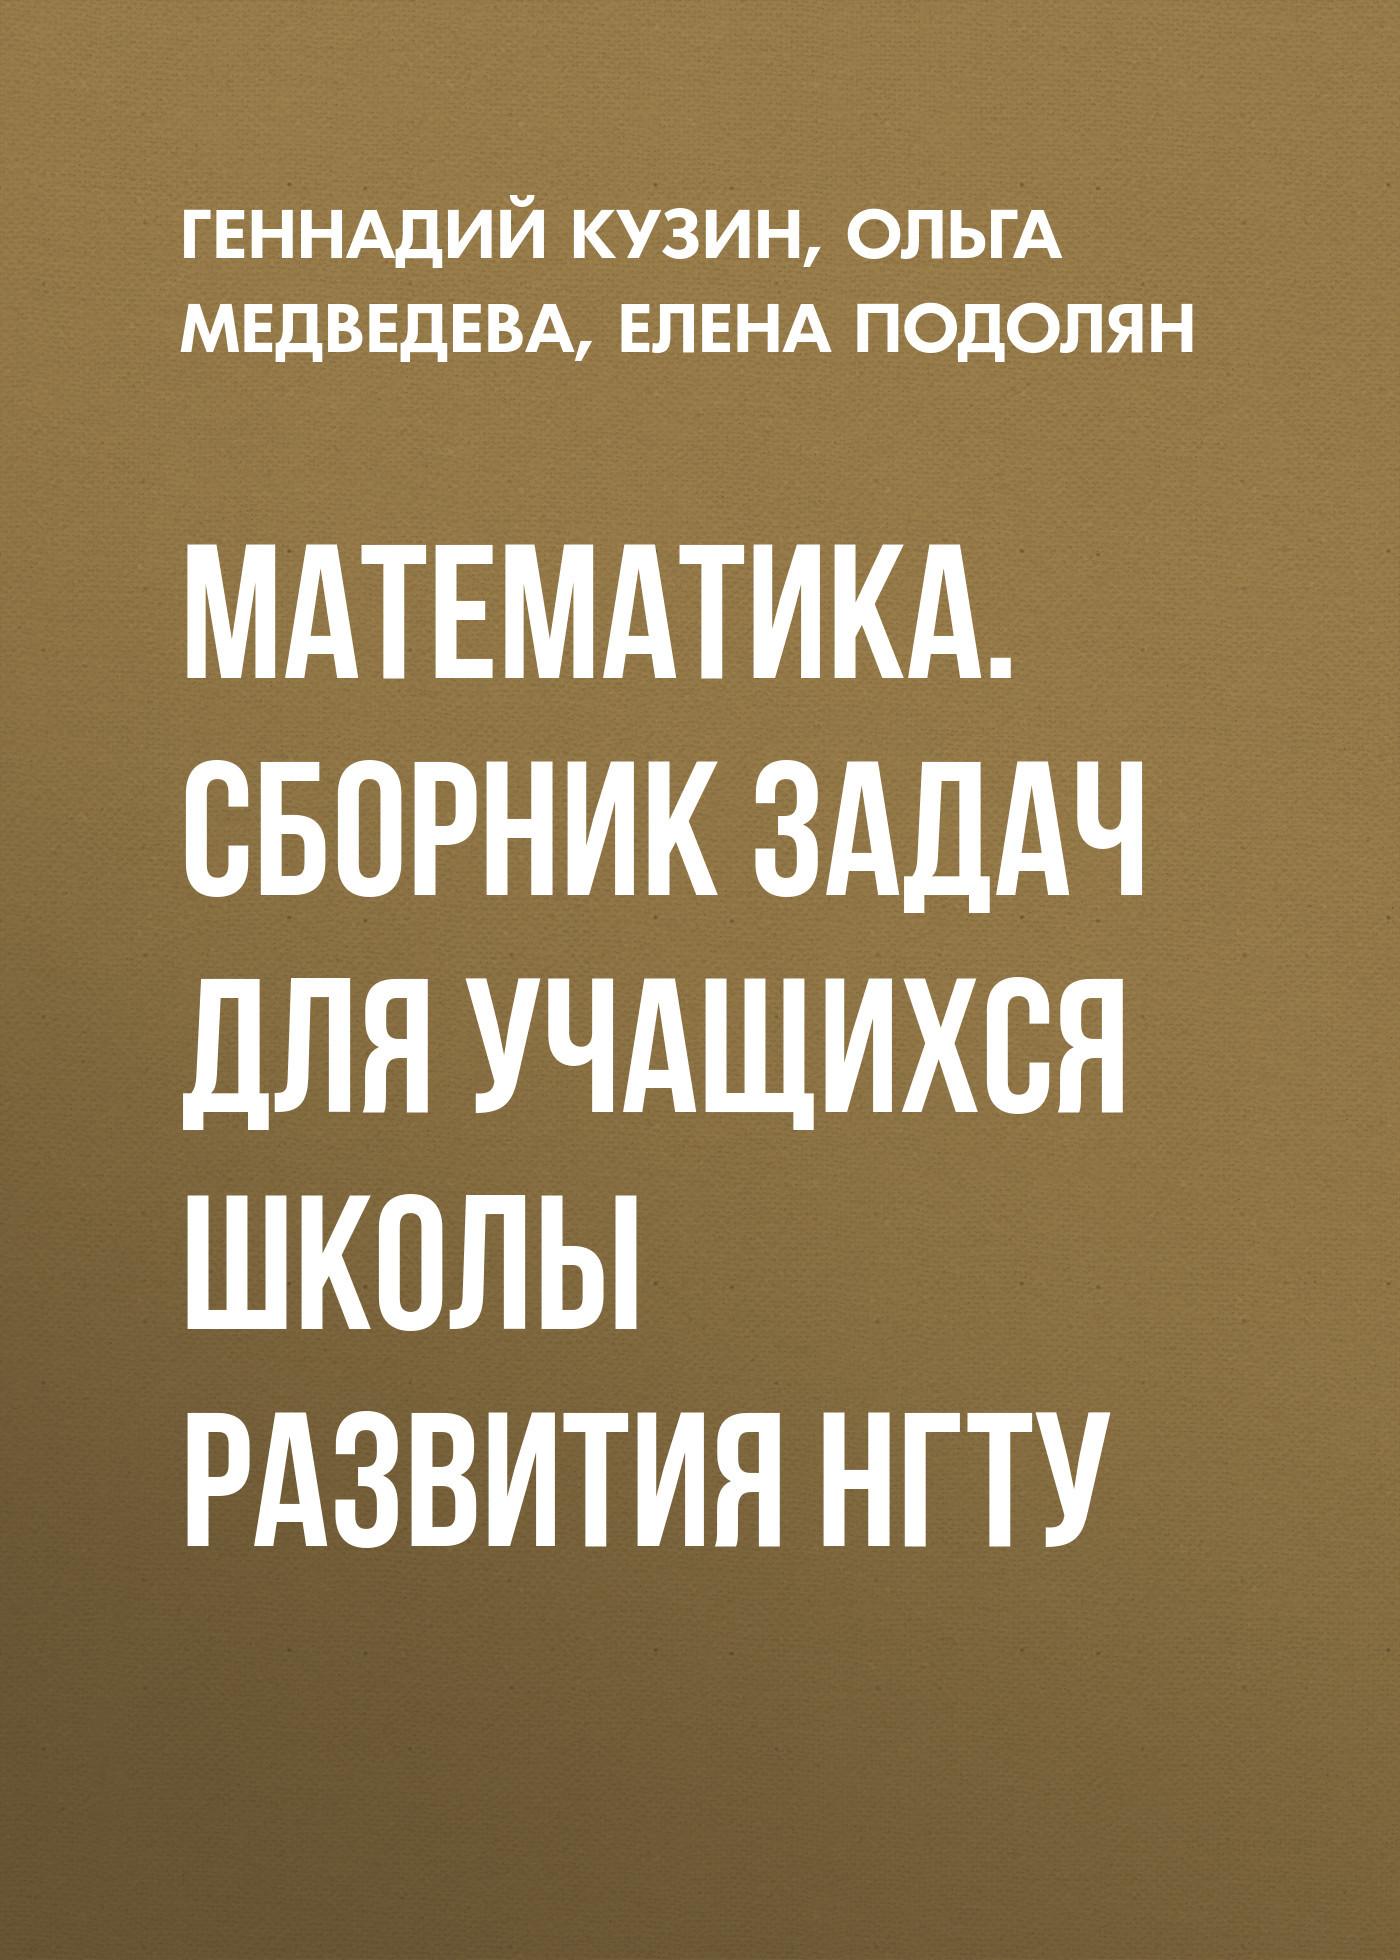 Ольга Медведева Математика. Сборник задач для учащихся школы развития НГТУ